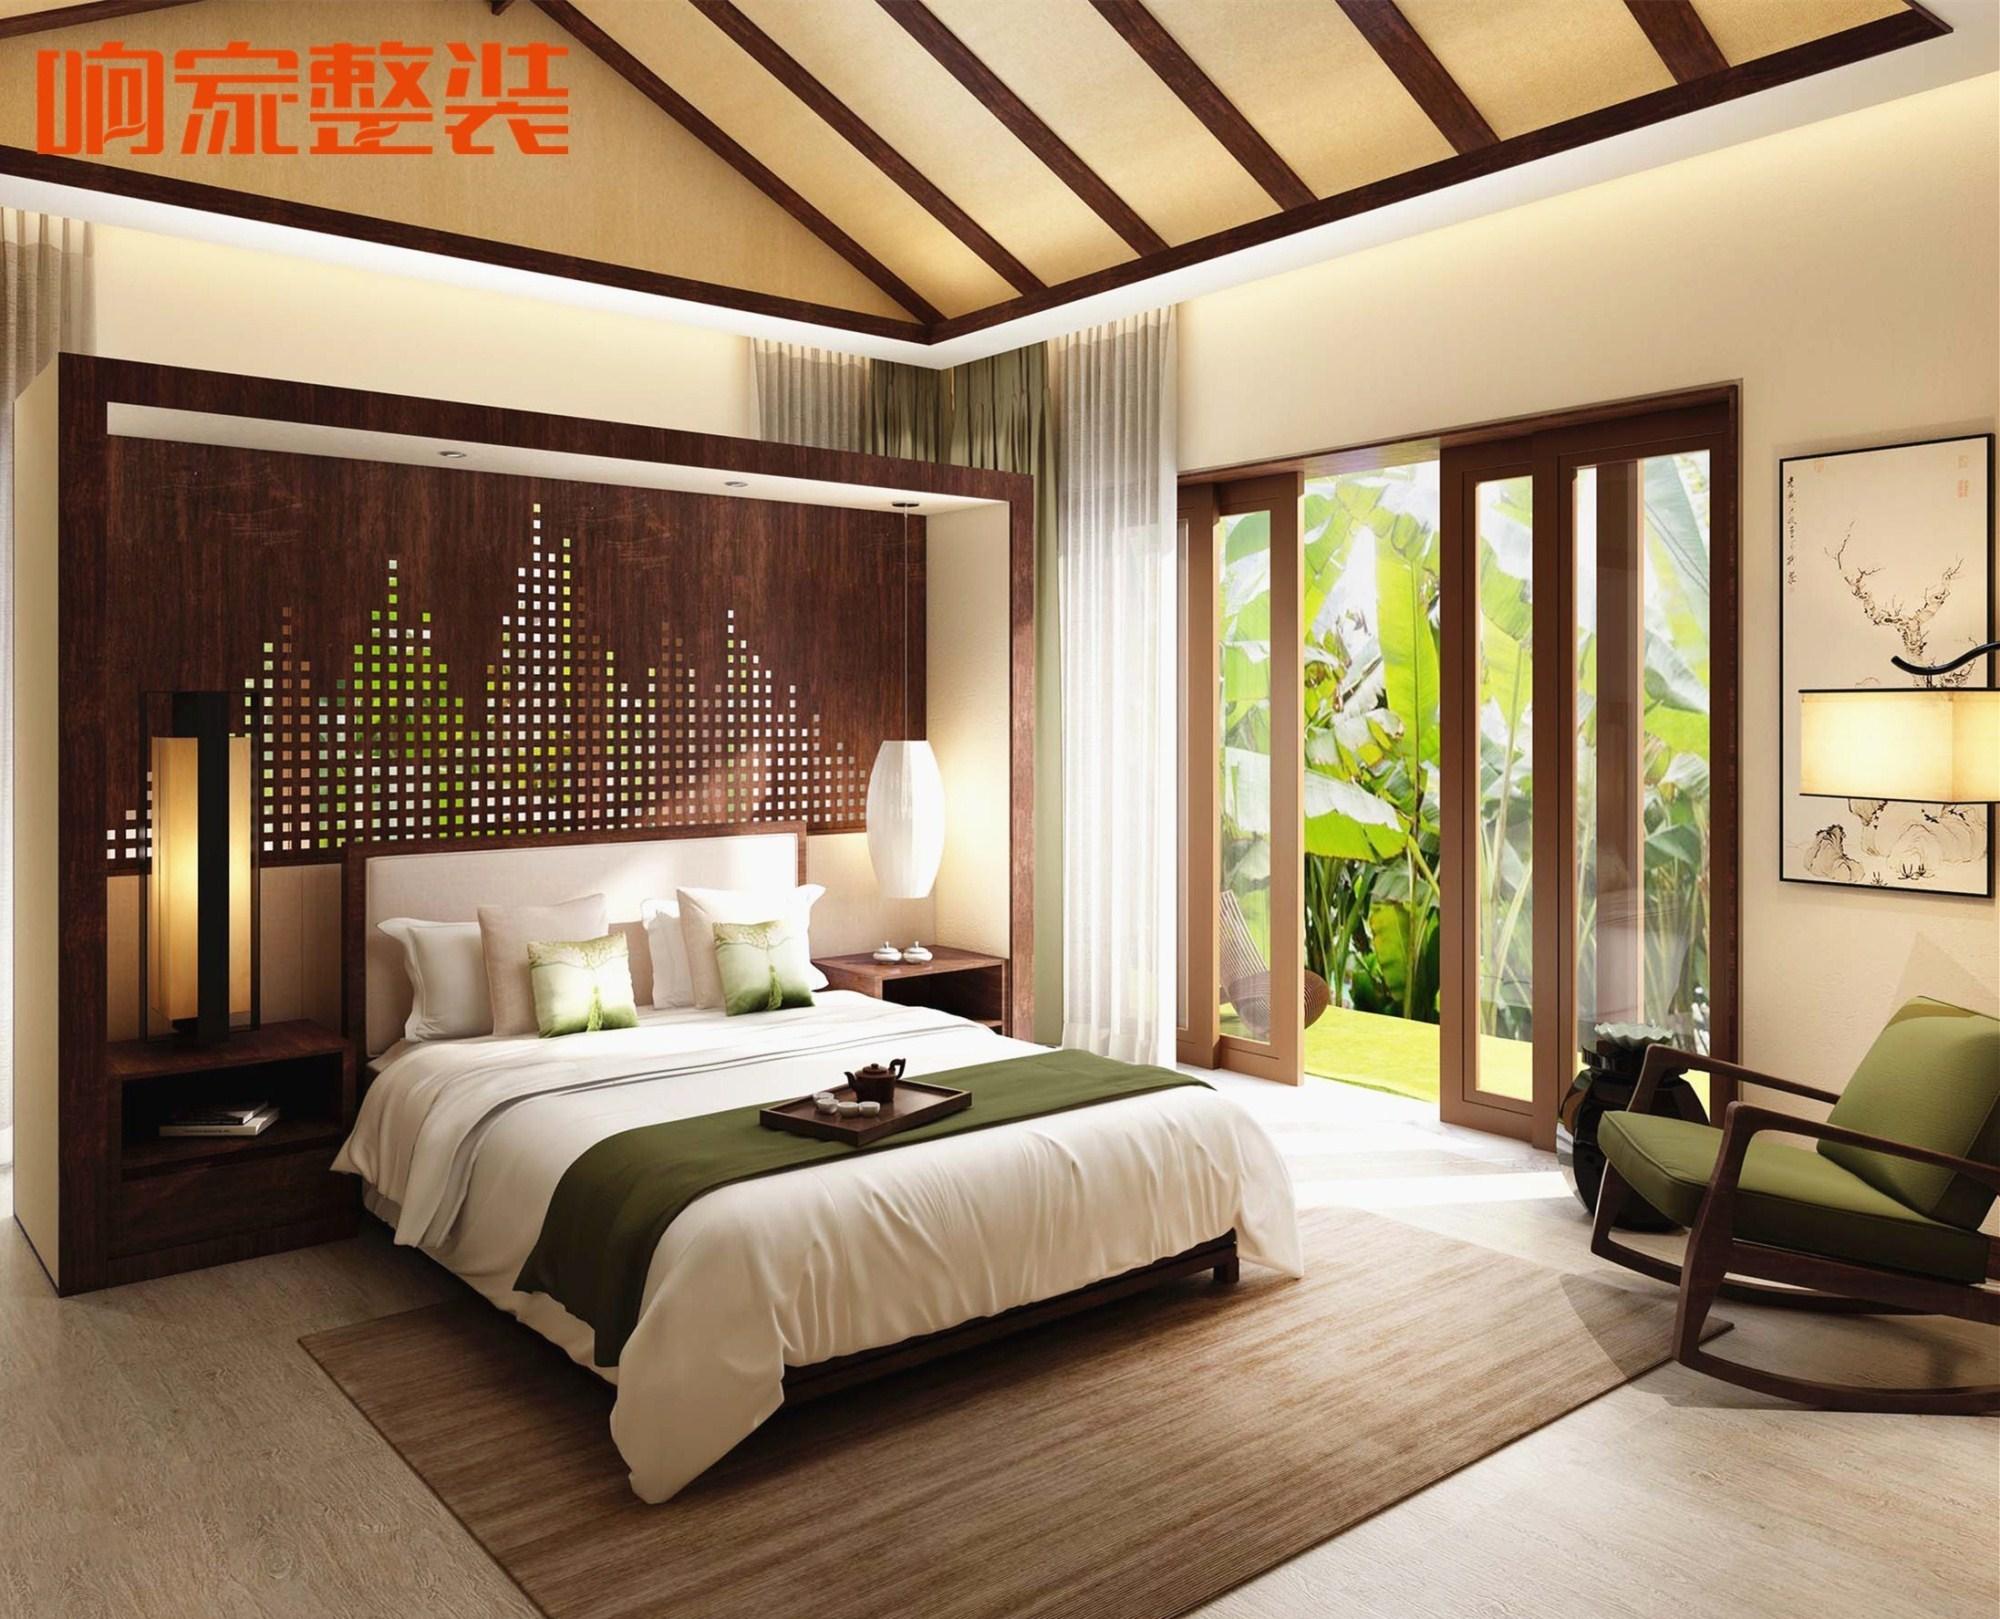 现代中式卧室效果�_20款新中式风格卧室装修效果图,皇帝都没住过种卧室!